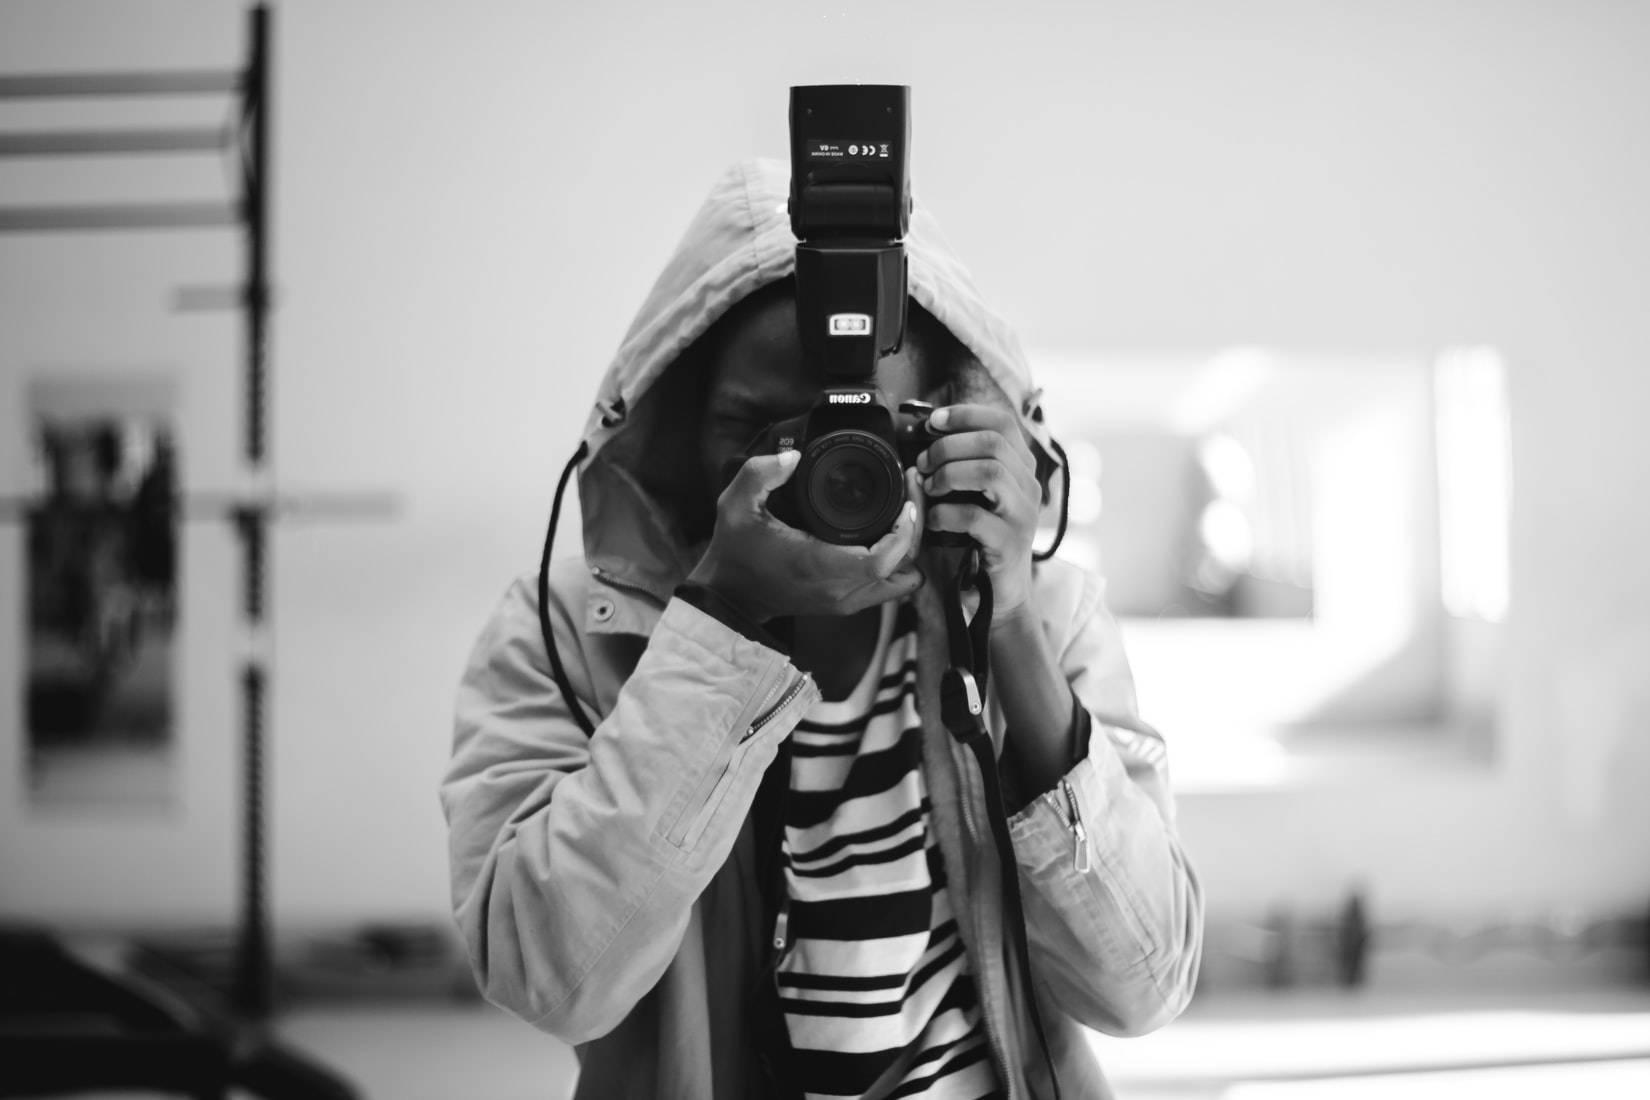 Είσαι έτοιμος να γίνεις επαγγελματίας φωτογράφος;